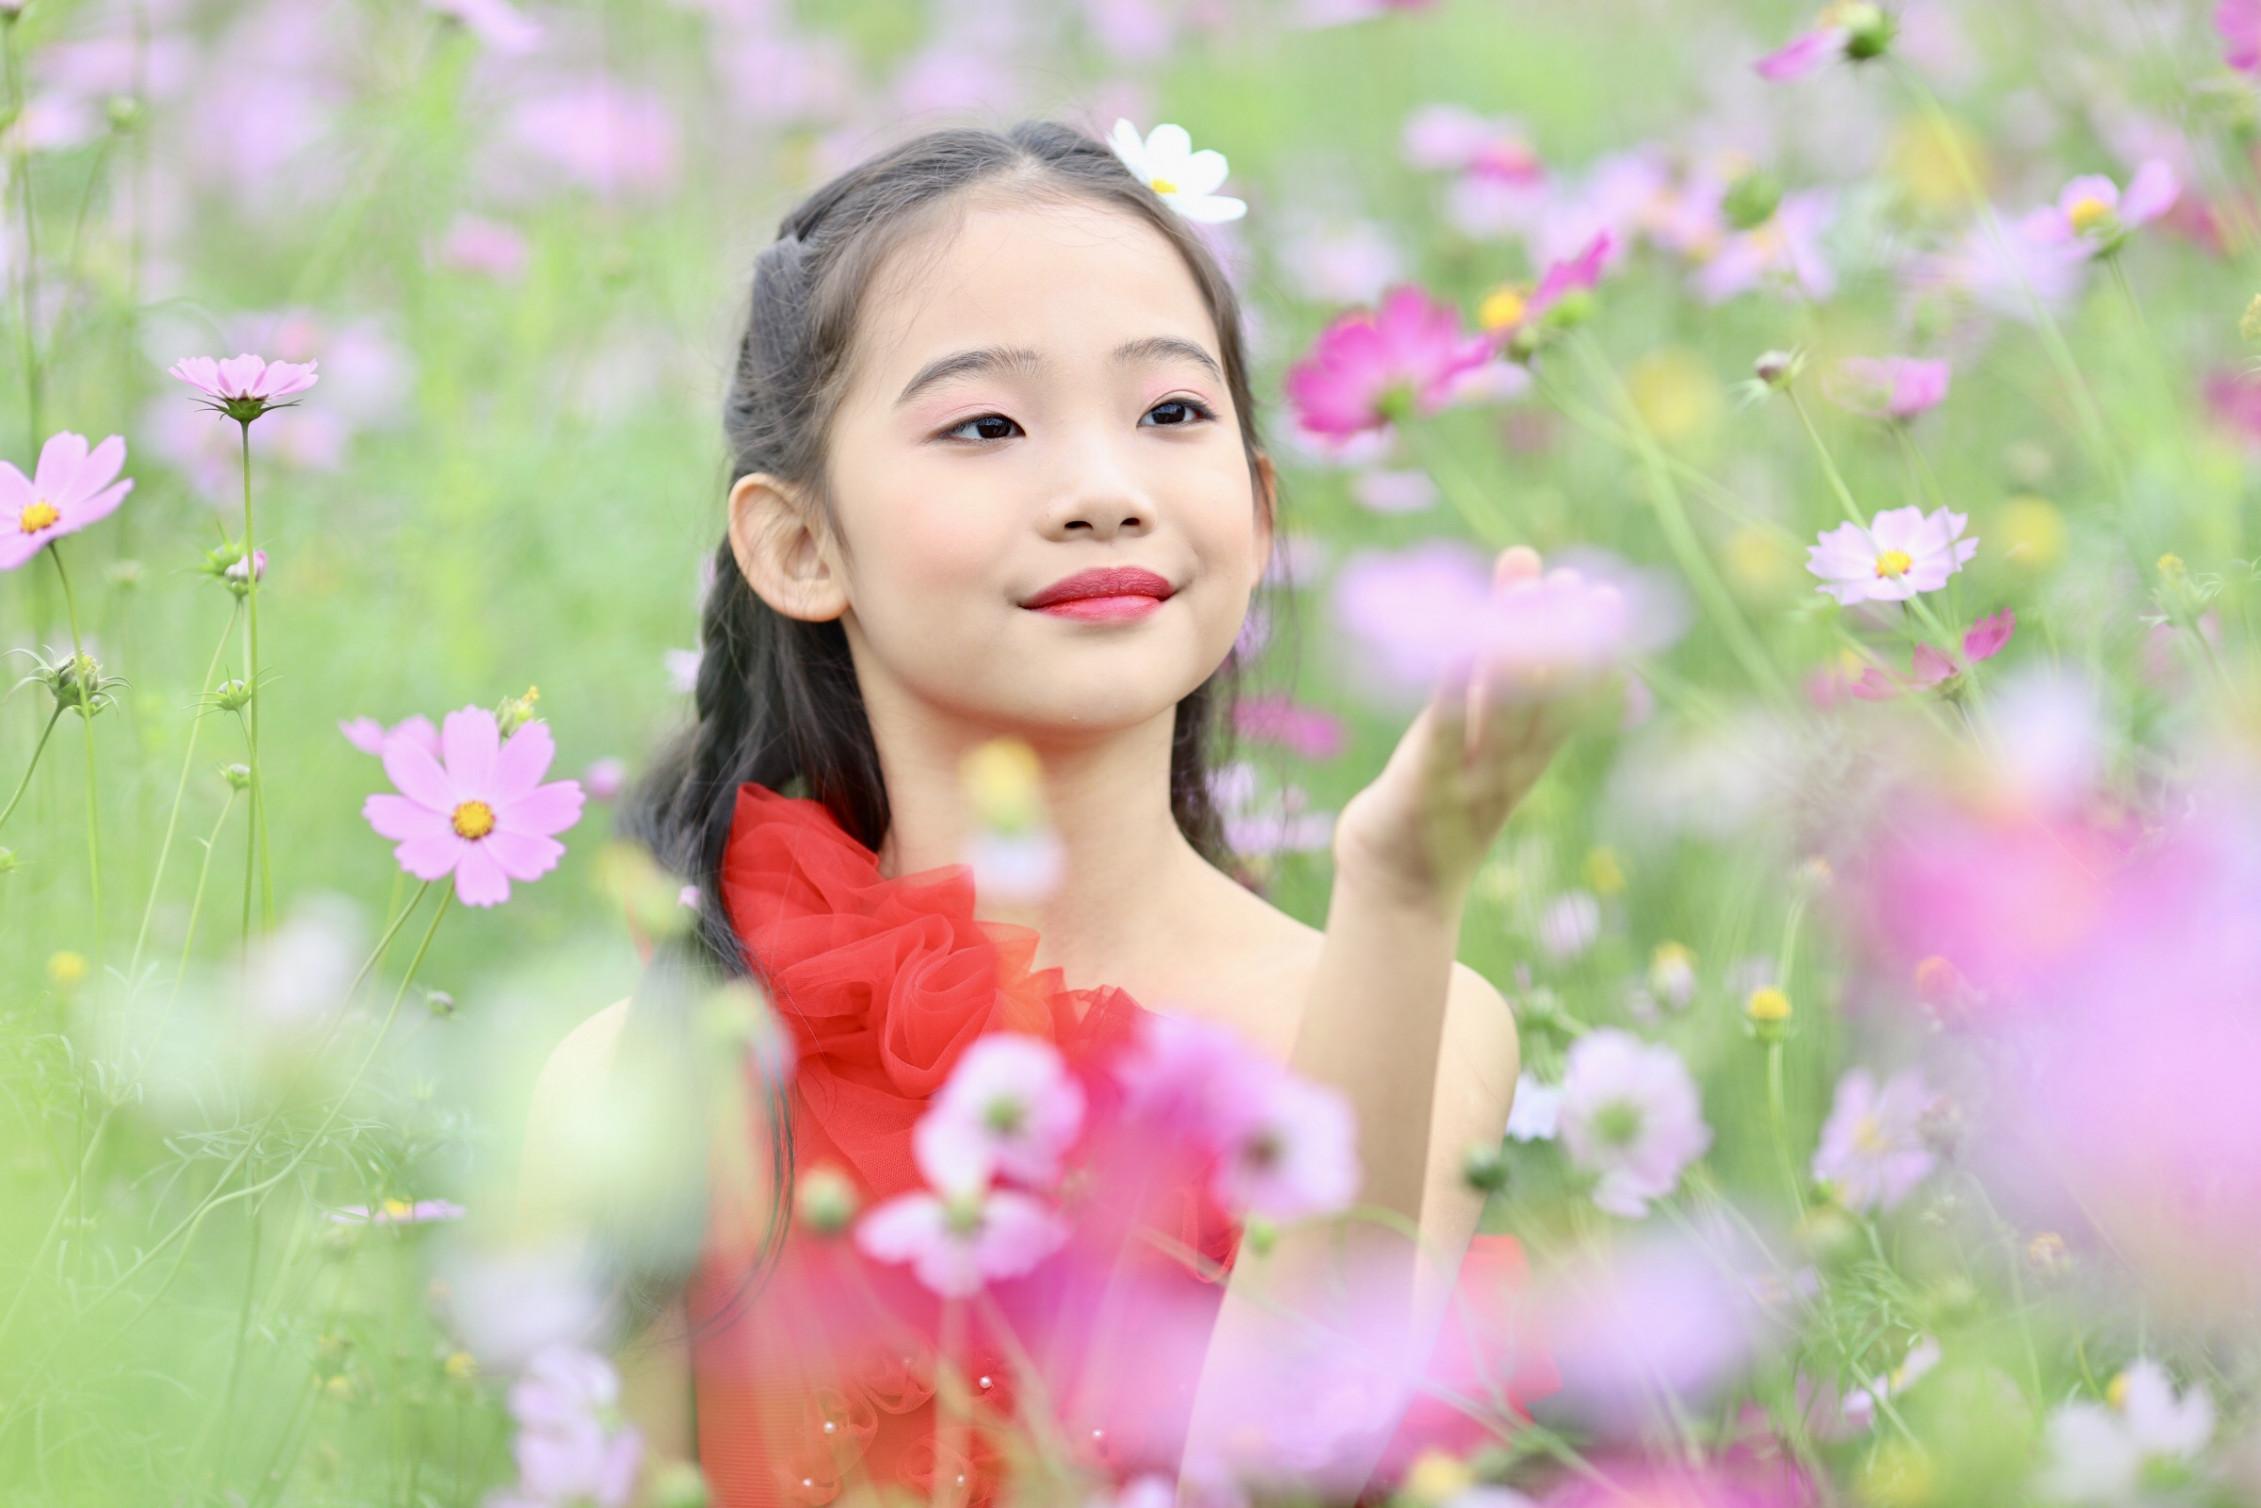 Trên cánh đồng hoa sao nhái, mẫu nhí Hà Phương giống một cô tiên xuân trong bộ váy màu đỏ rực rỡ. Hà Phương sinh năm 2009, là 1 trong 3 thành viên của Nhóm uốn dẻo Emmy - Quán quân Tìm kiếm tài năng nhí Ngôi Sao Hướng Dương 2018.